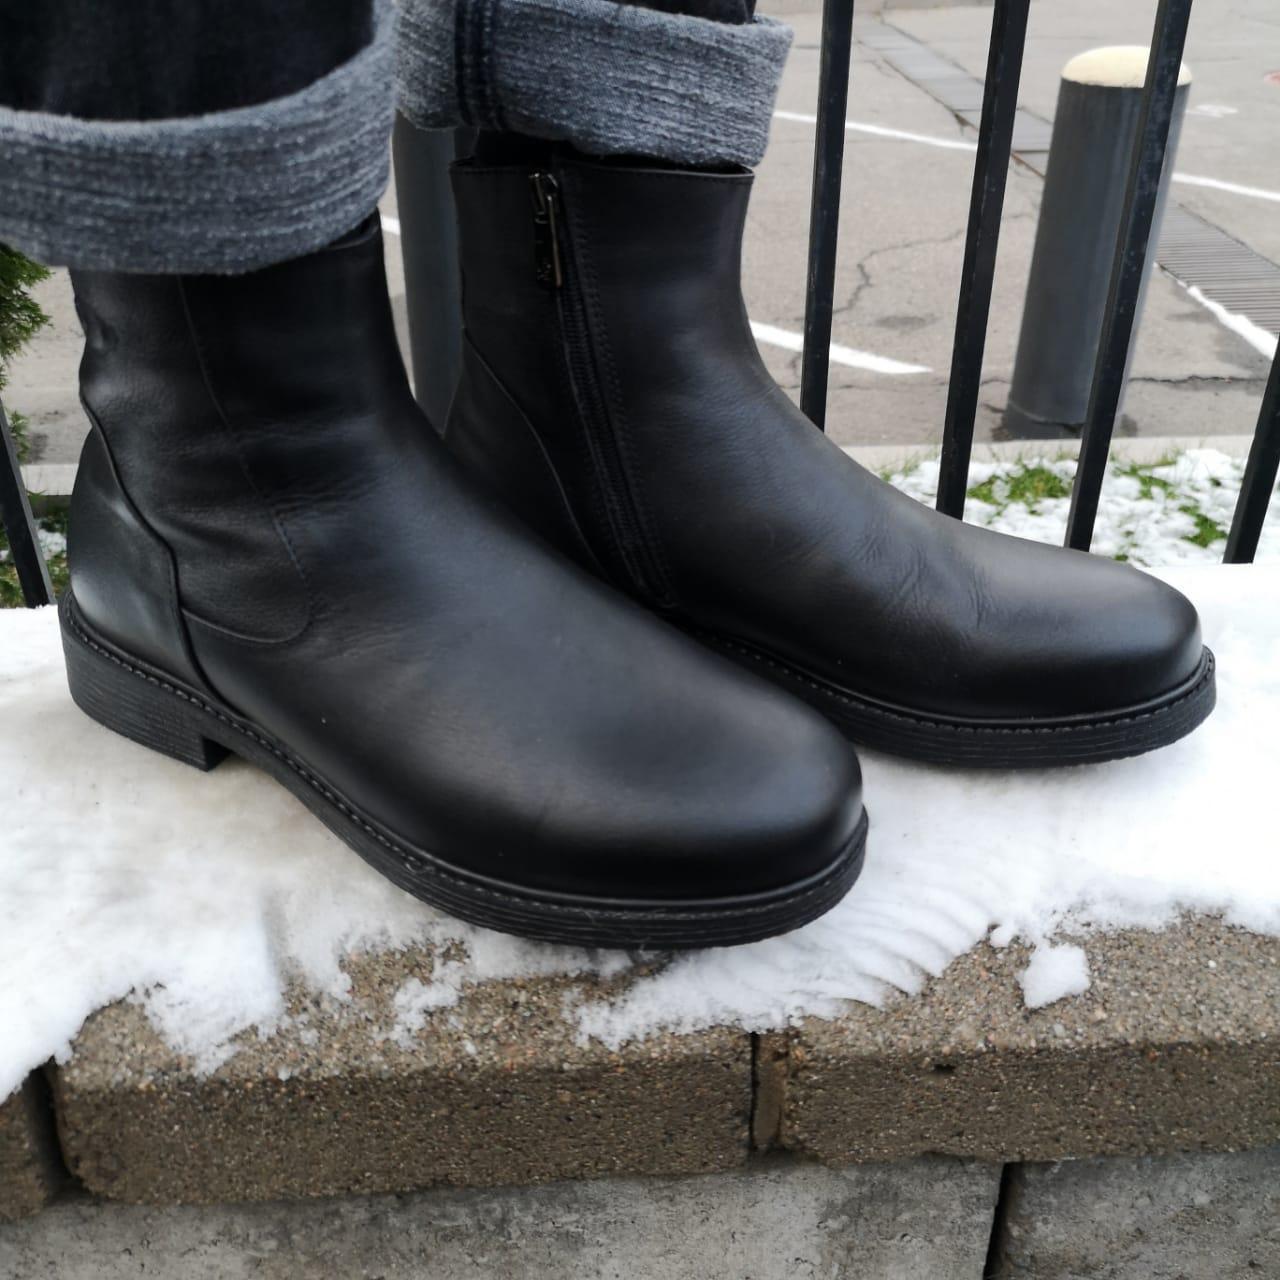 Зимние мужские сапоги - фото 4